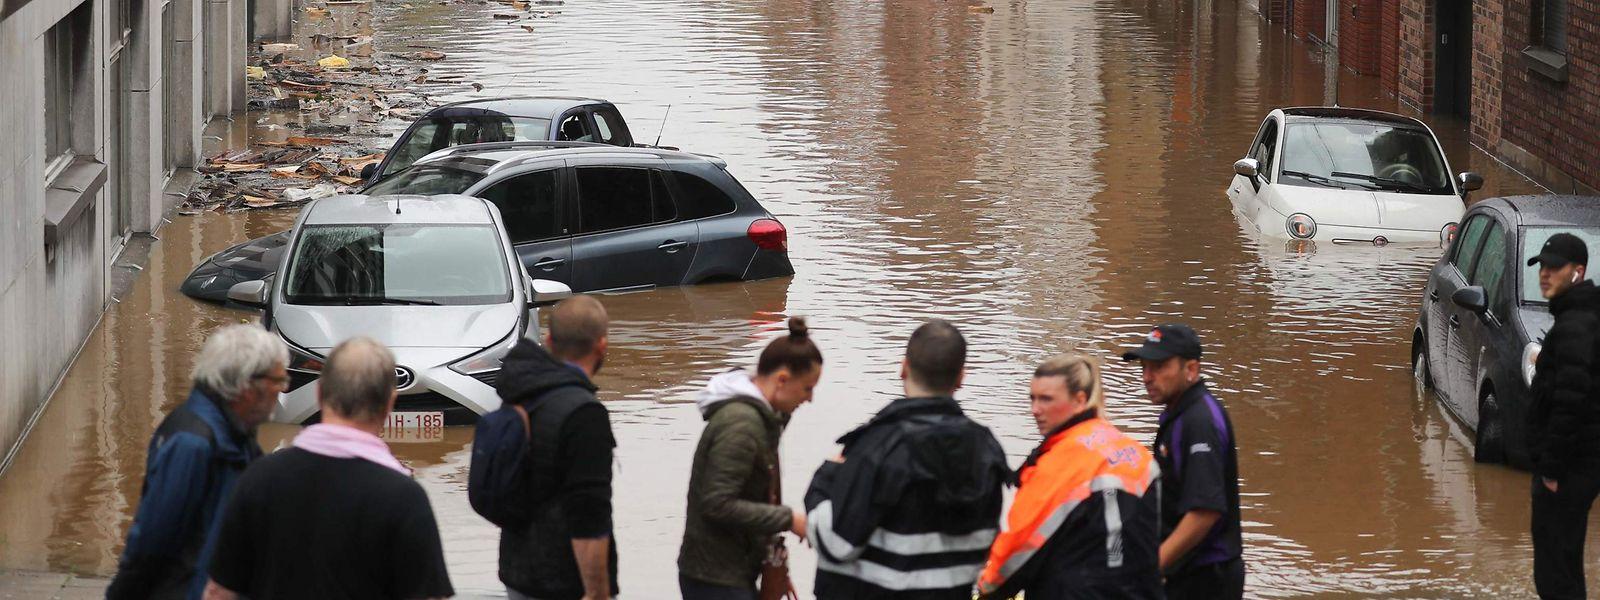 En Belgique, le coût des précédentes inondations a été estimé à 150 millions d'euros pour les compagnies d'assurance. Soit a priori 30 millions de plus qu'au Grand-Duché.